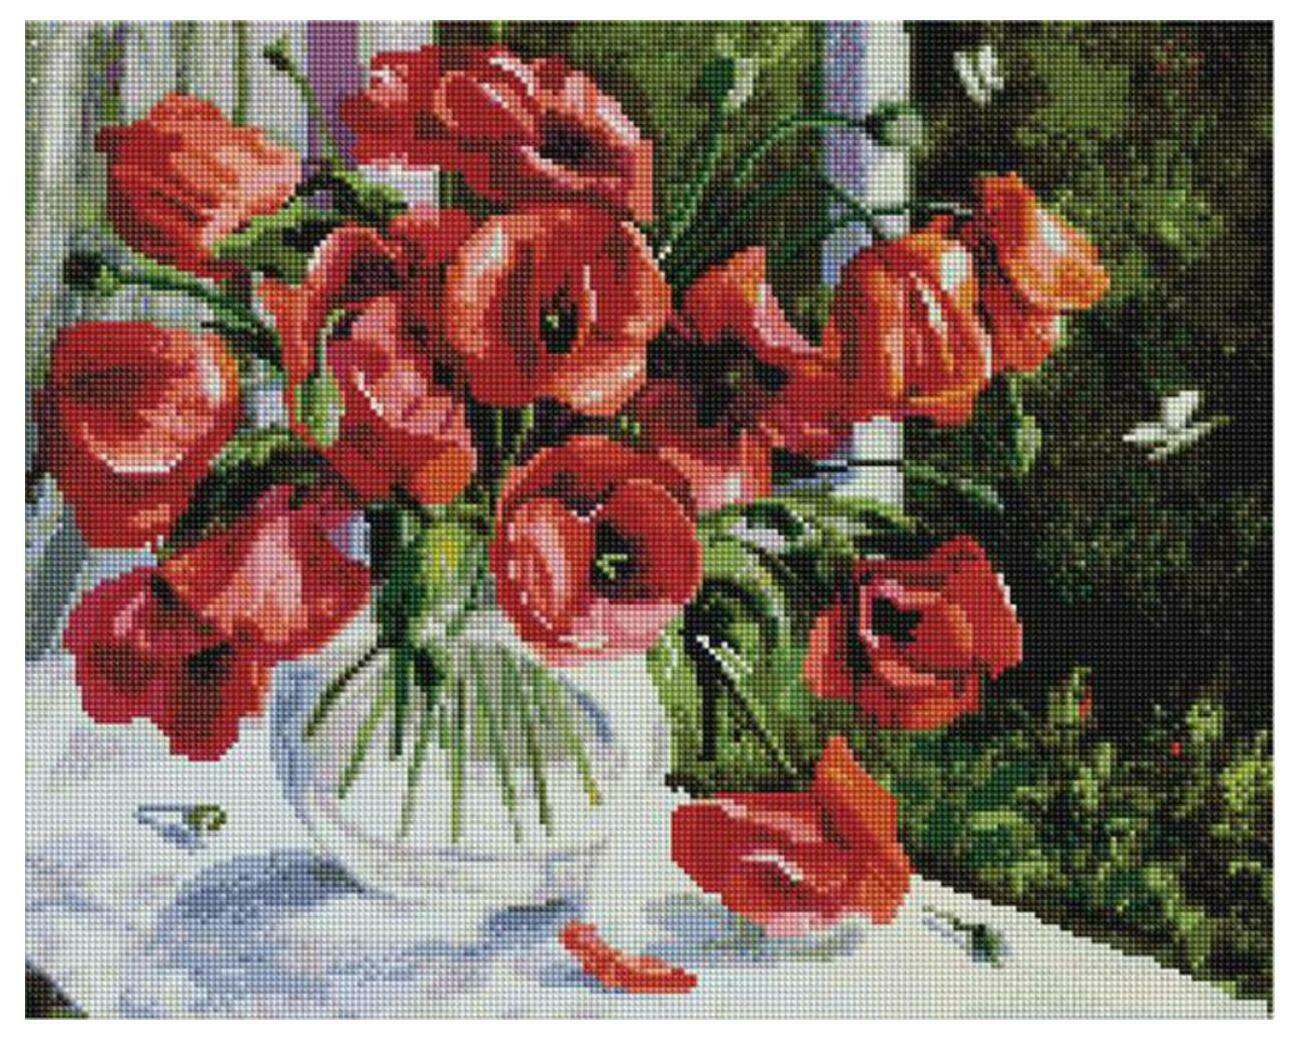 Алмазная мозаика Paintboy APK 79030 Маки на окне (Воробьёва Ольга) 40x50см